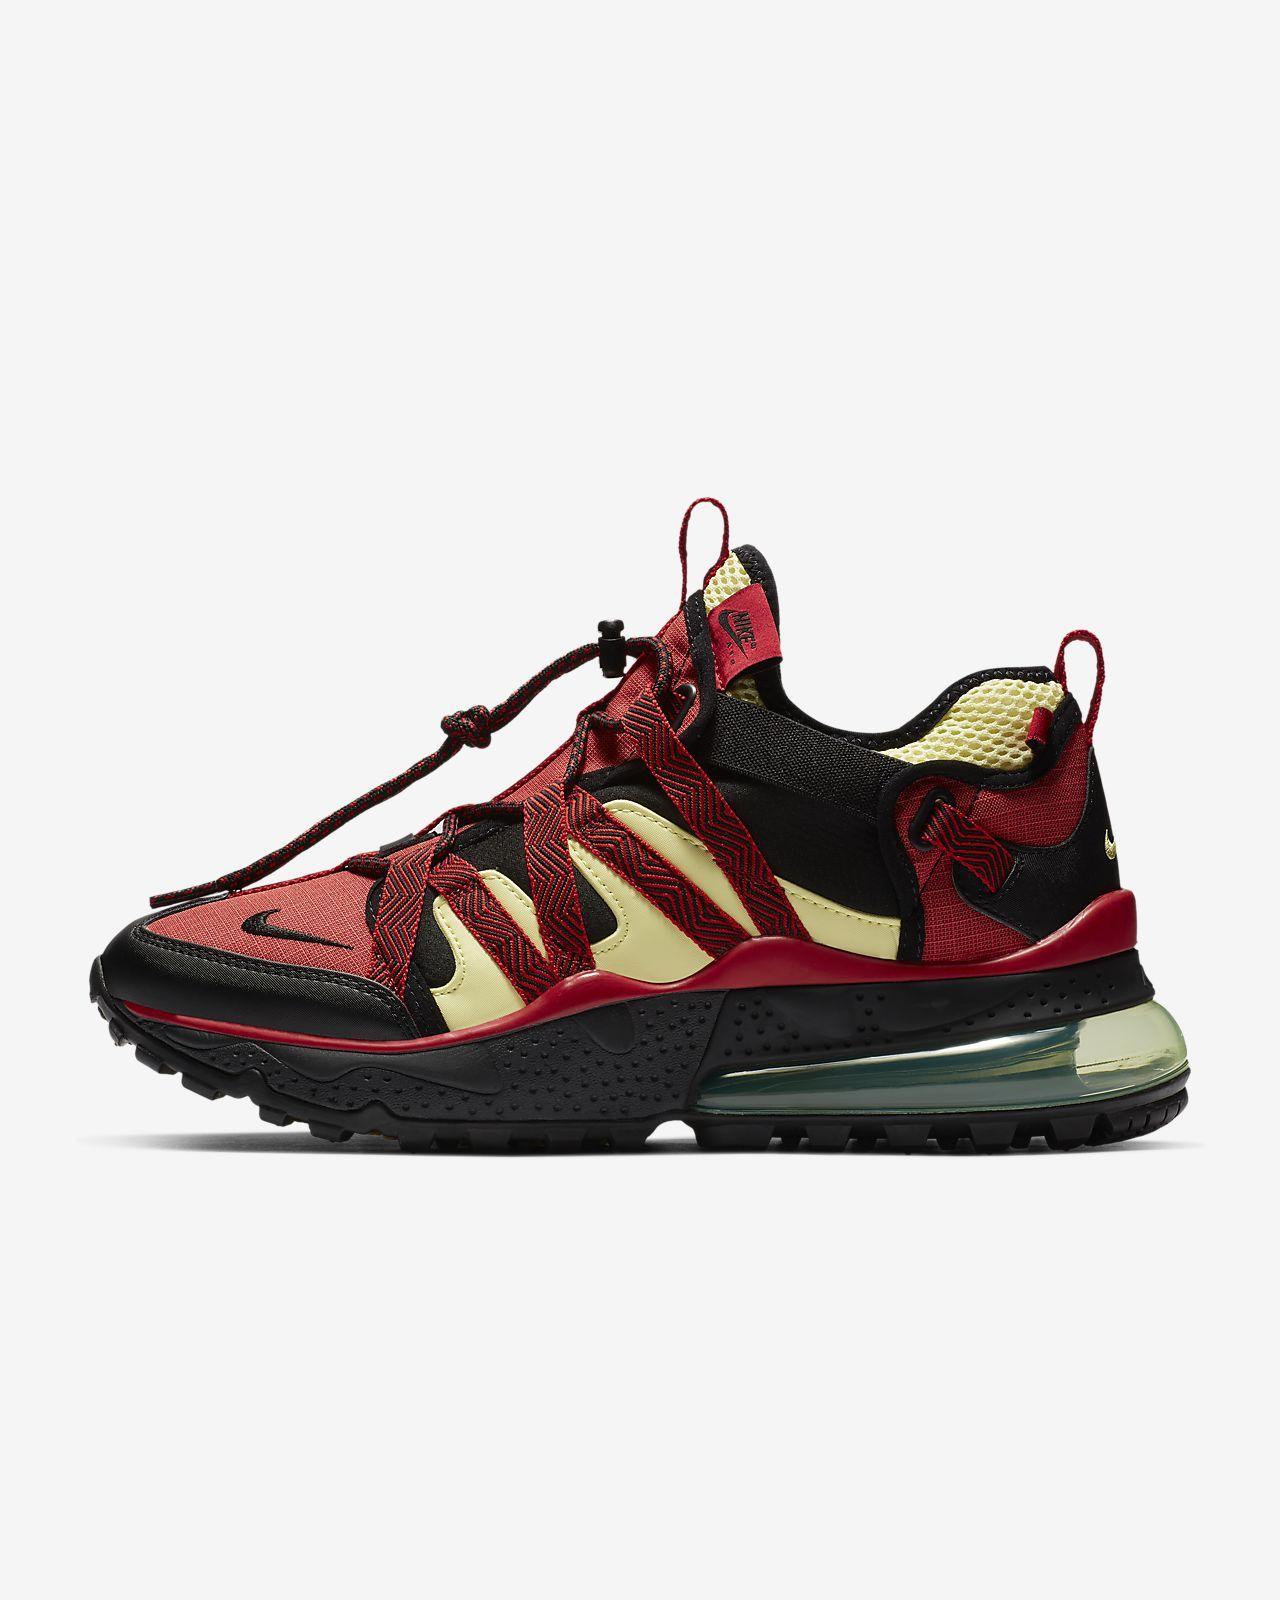 wholesale dealer fb2d3 47e51 Nike Air Max 270 Bowfin Men s Shoe